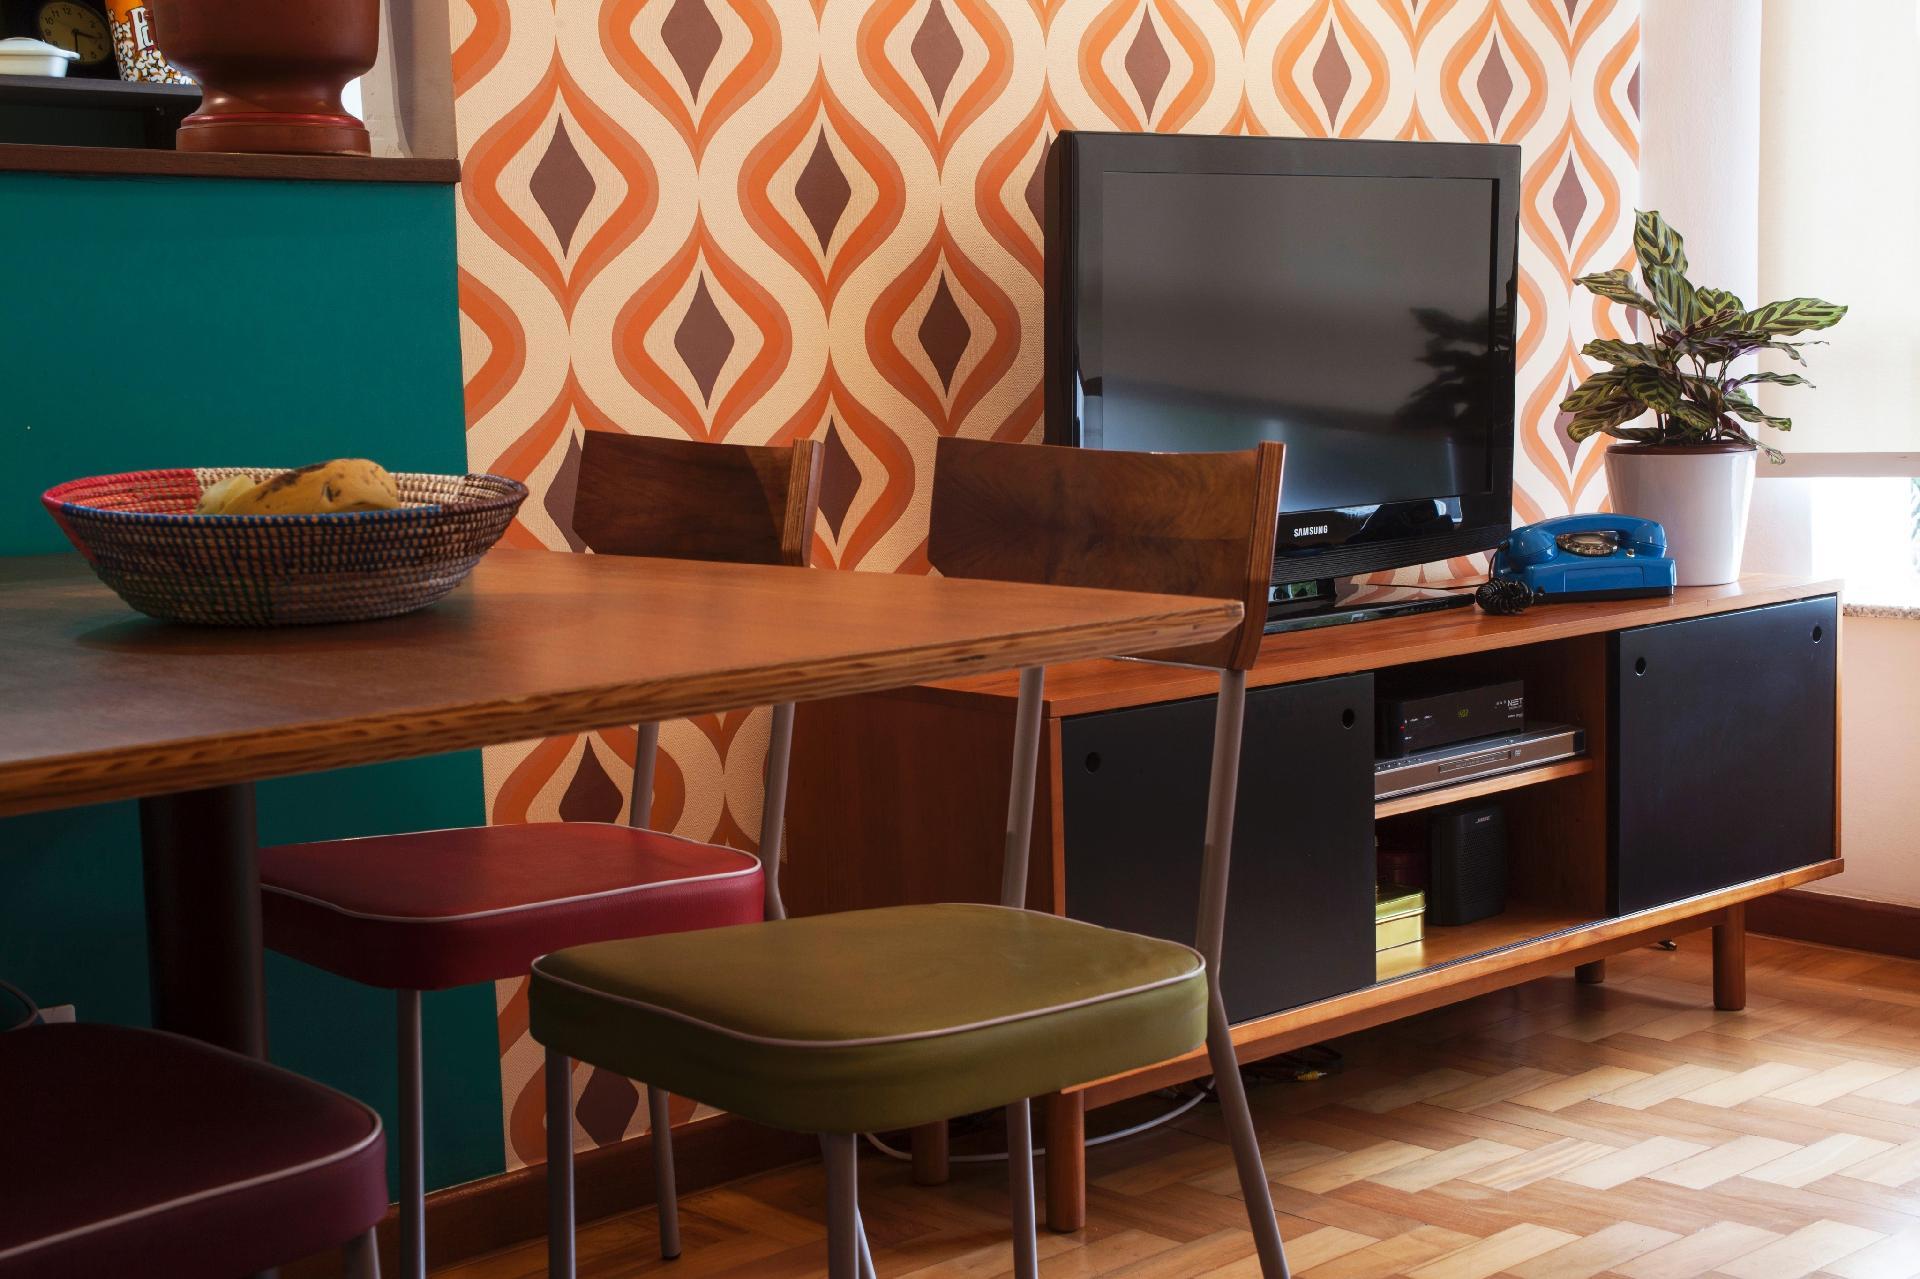 O rack para TV, em madeira (Oppa), também tem inspiração 'retrô' e dá apoio ao antigo telefone de disco, na cor azul celeste. A peça cria um belo contraste com o papel de parede baseado no marrom, no laranja e no